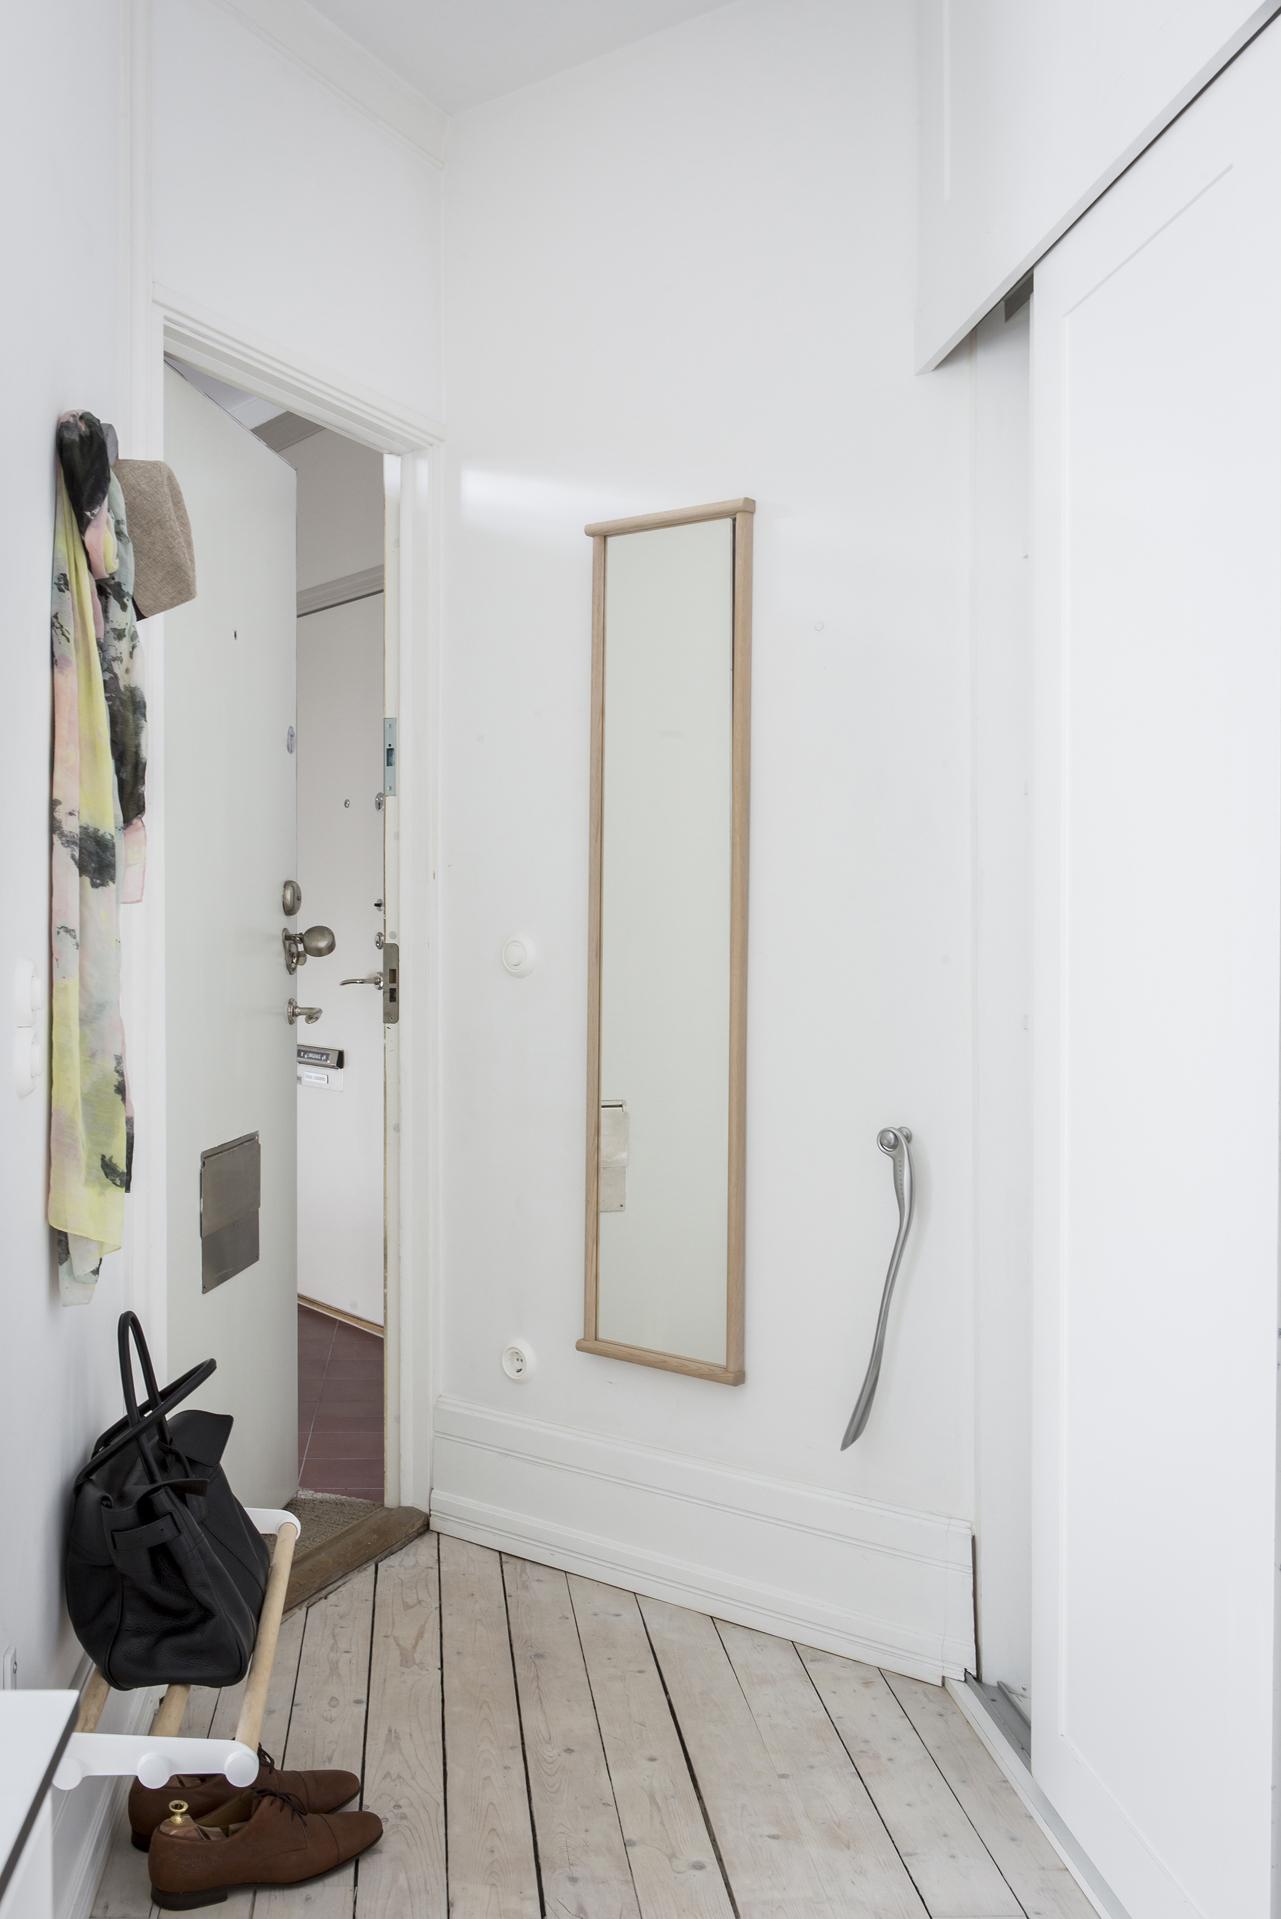 Mejorar_tu_casa_mejorar_ tu_vida_cómo decorar-01